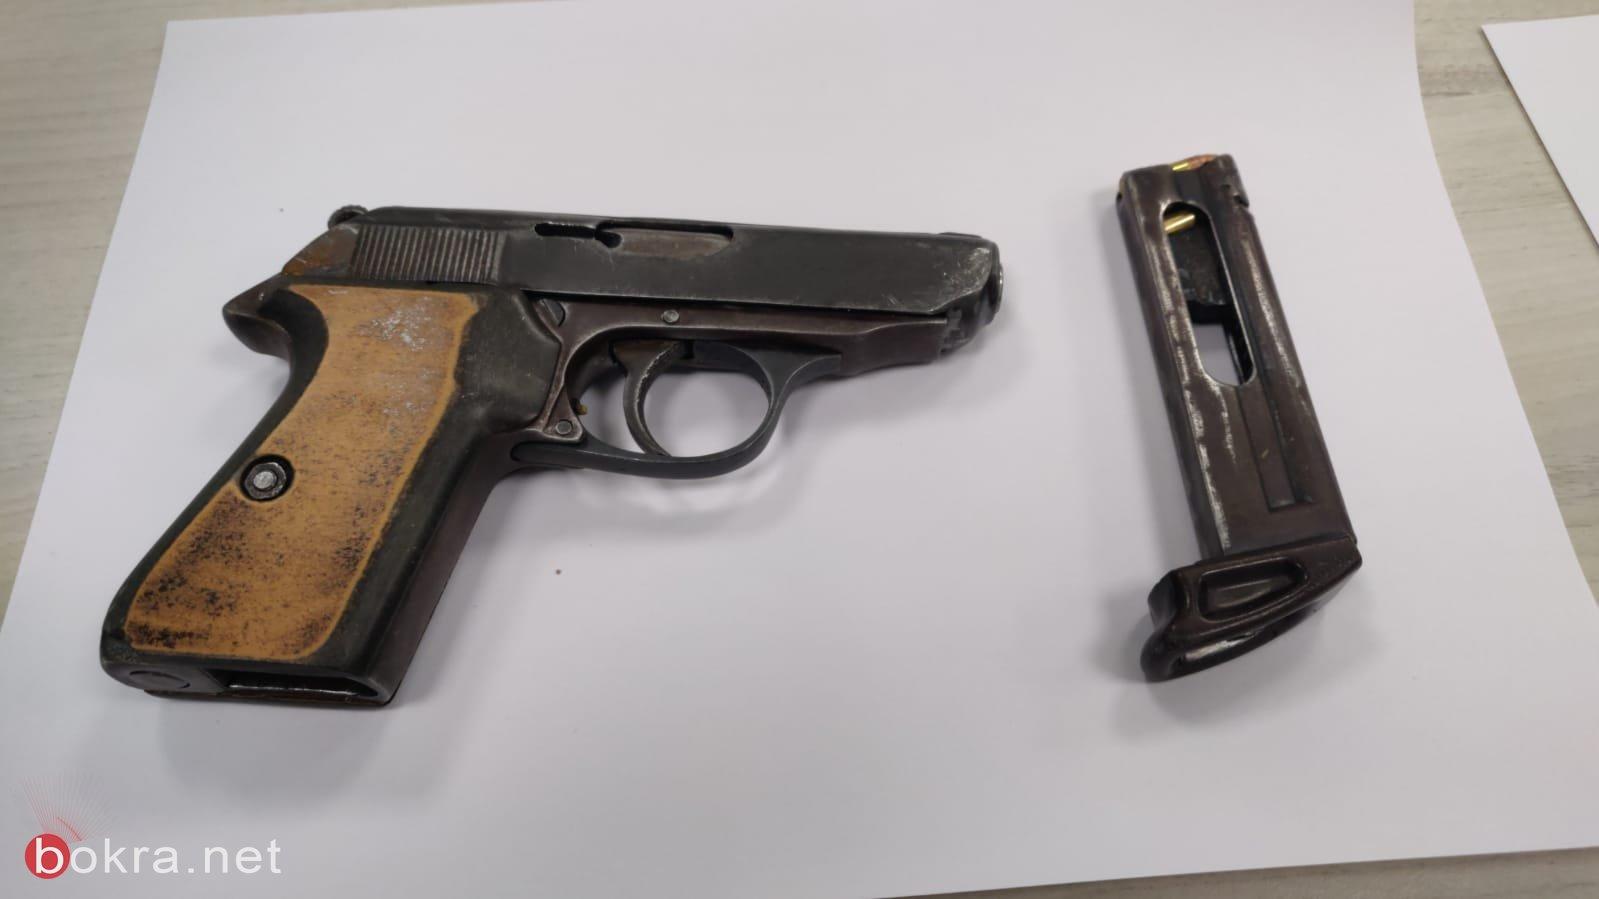 طمرة: ضبط مسدس وذخيرة في احد البيوت واعتقال مشتبه-1